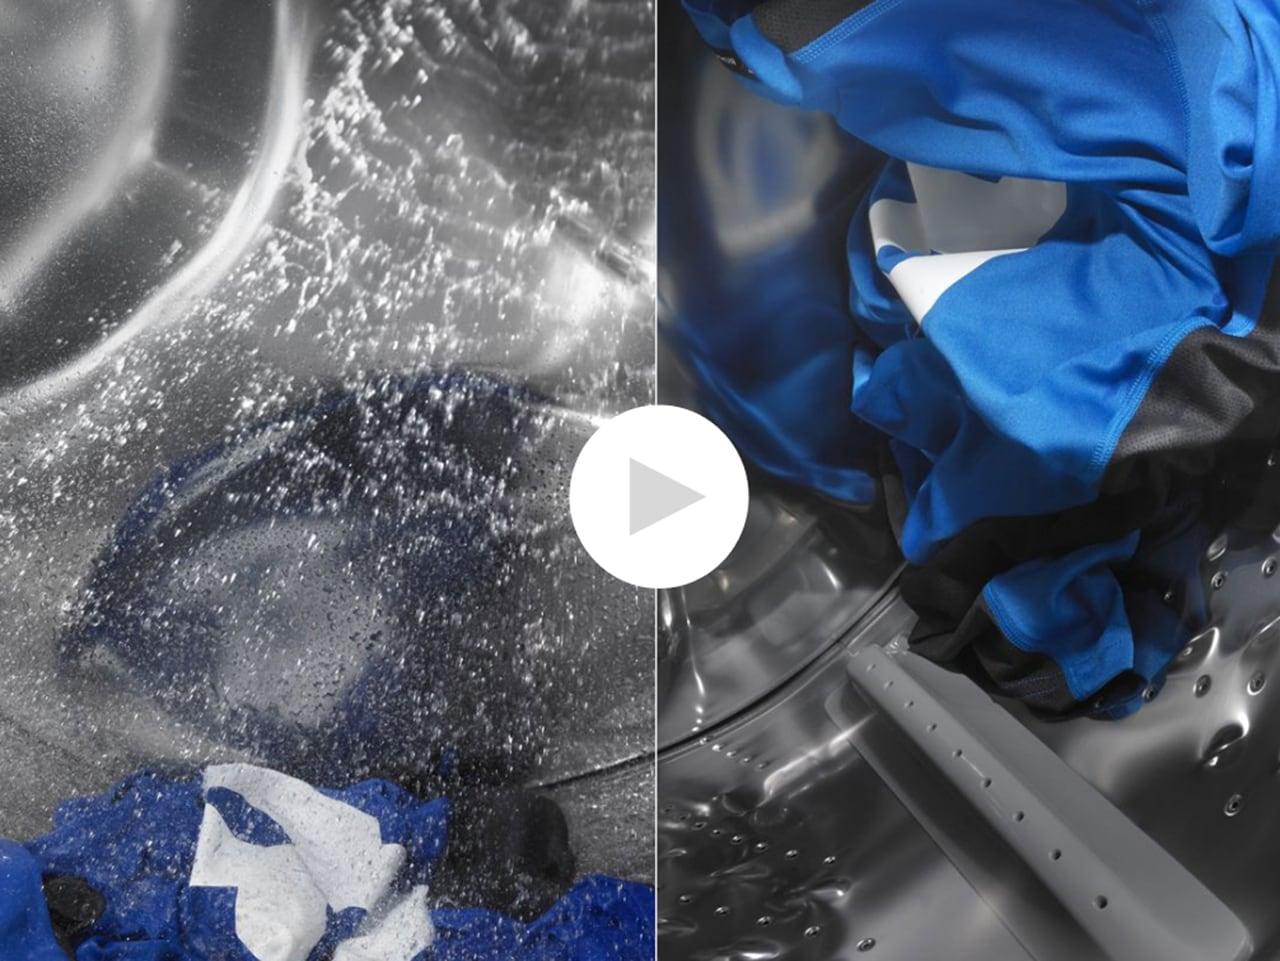 moisture sensing laundry